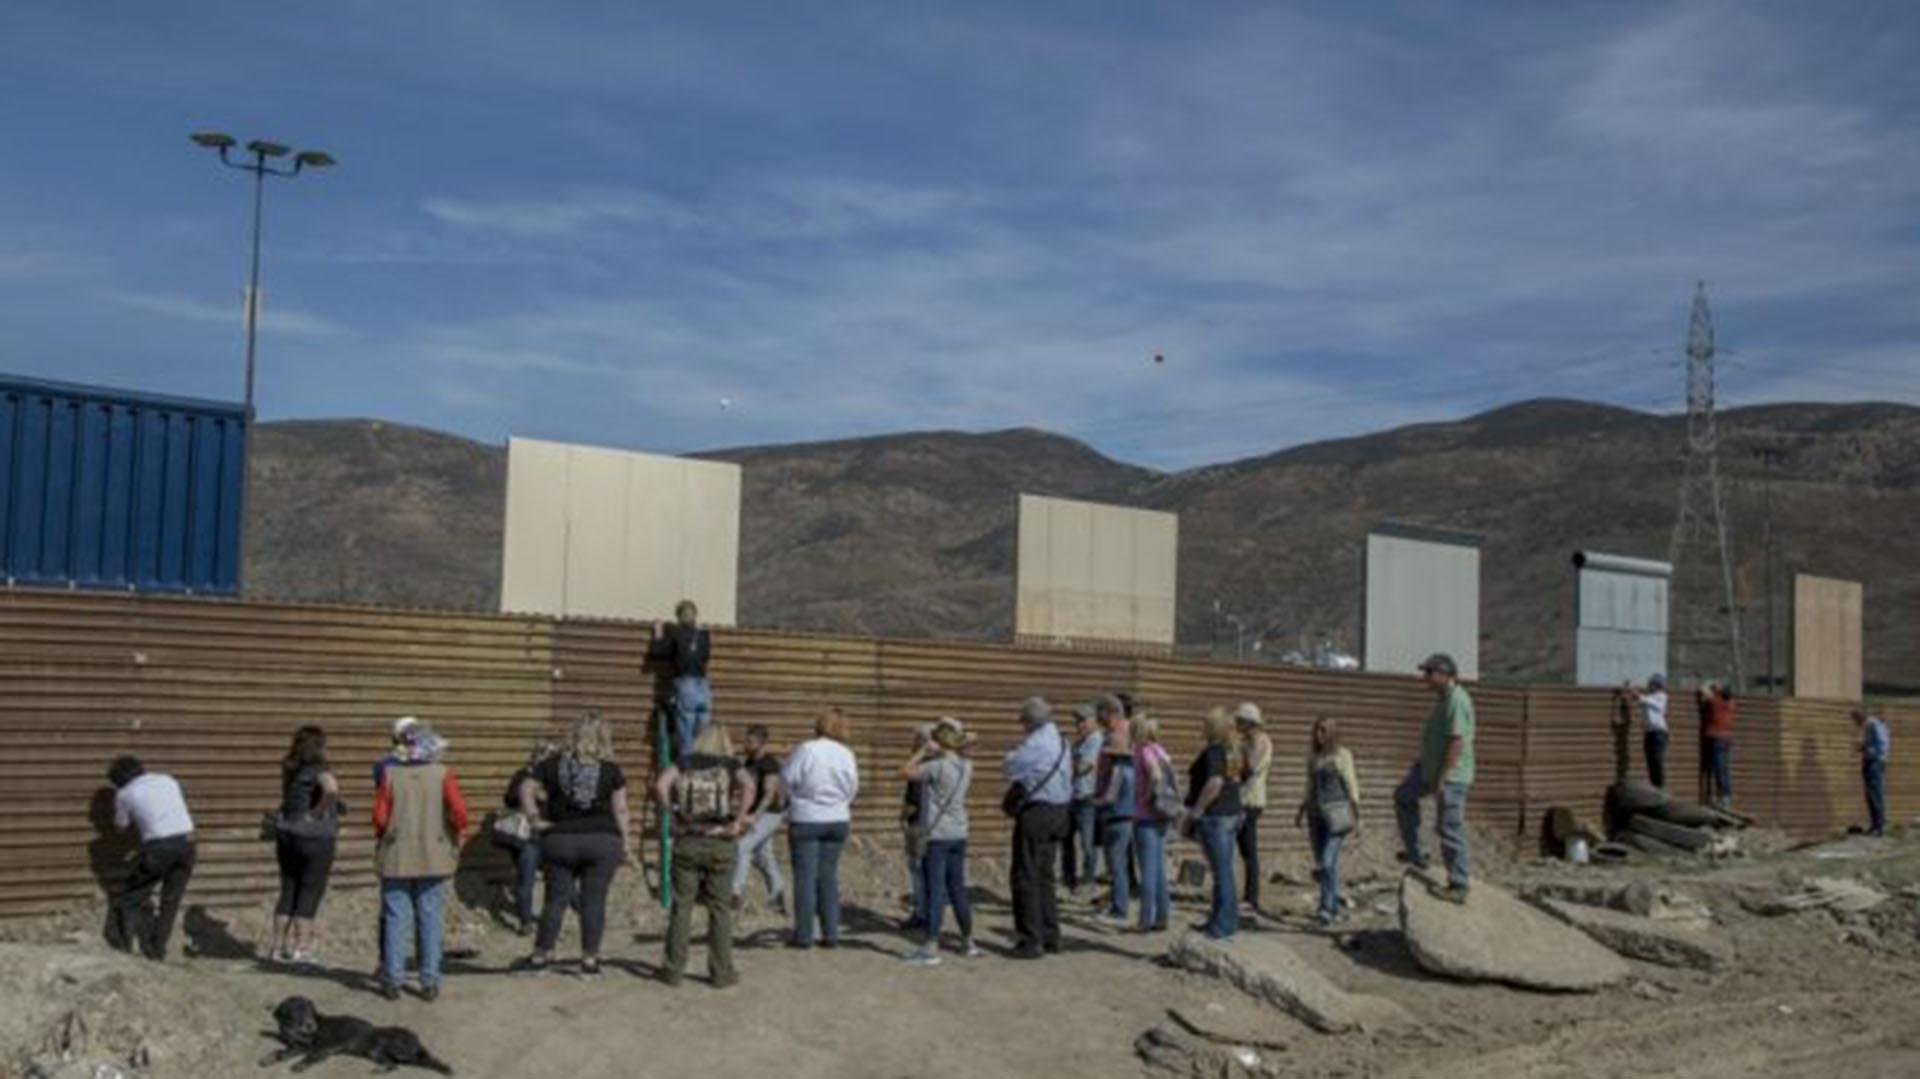 Turistas se congregan en la frontera entre México y Estados Unidos para ver los prototipos del muro. (AP)